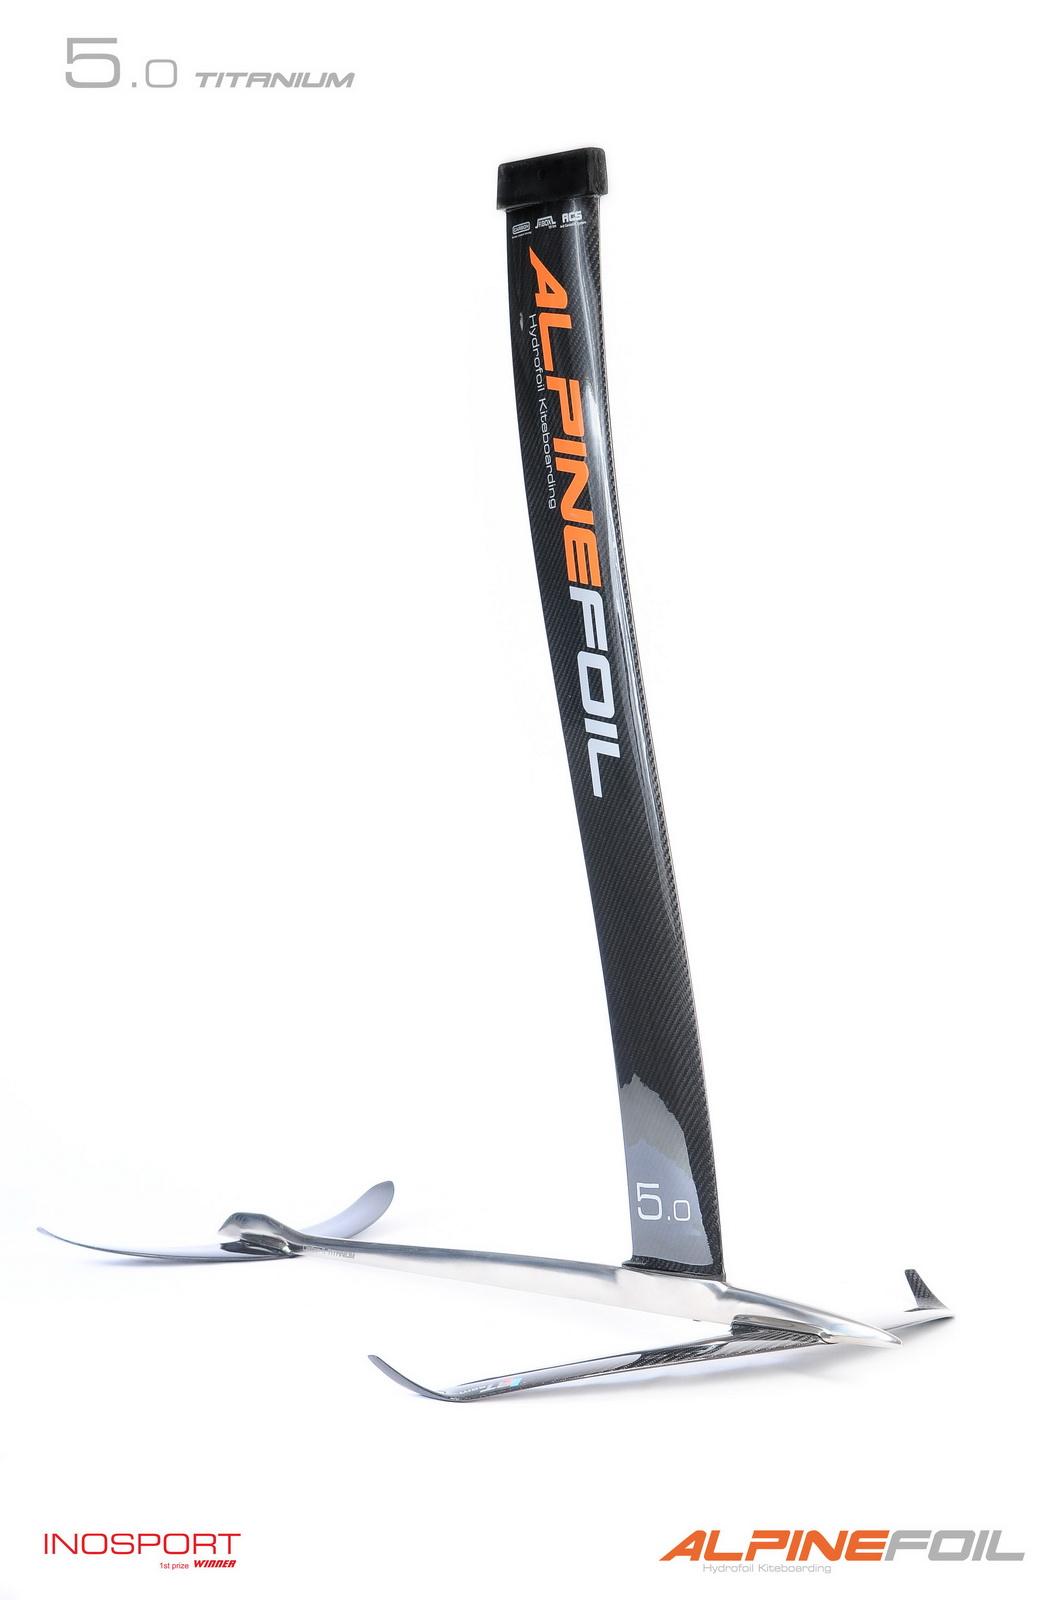 Kitefoil alpinefoil carbon titanium 1 3 logo